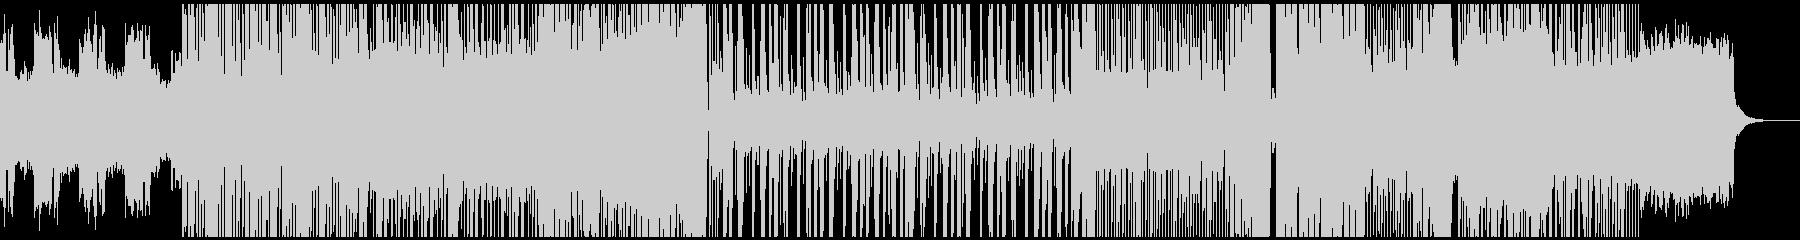 騒がしめなBGMの未再生の波形